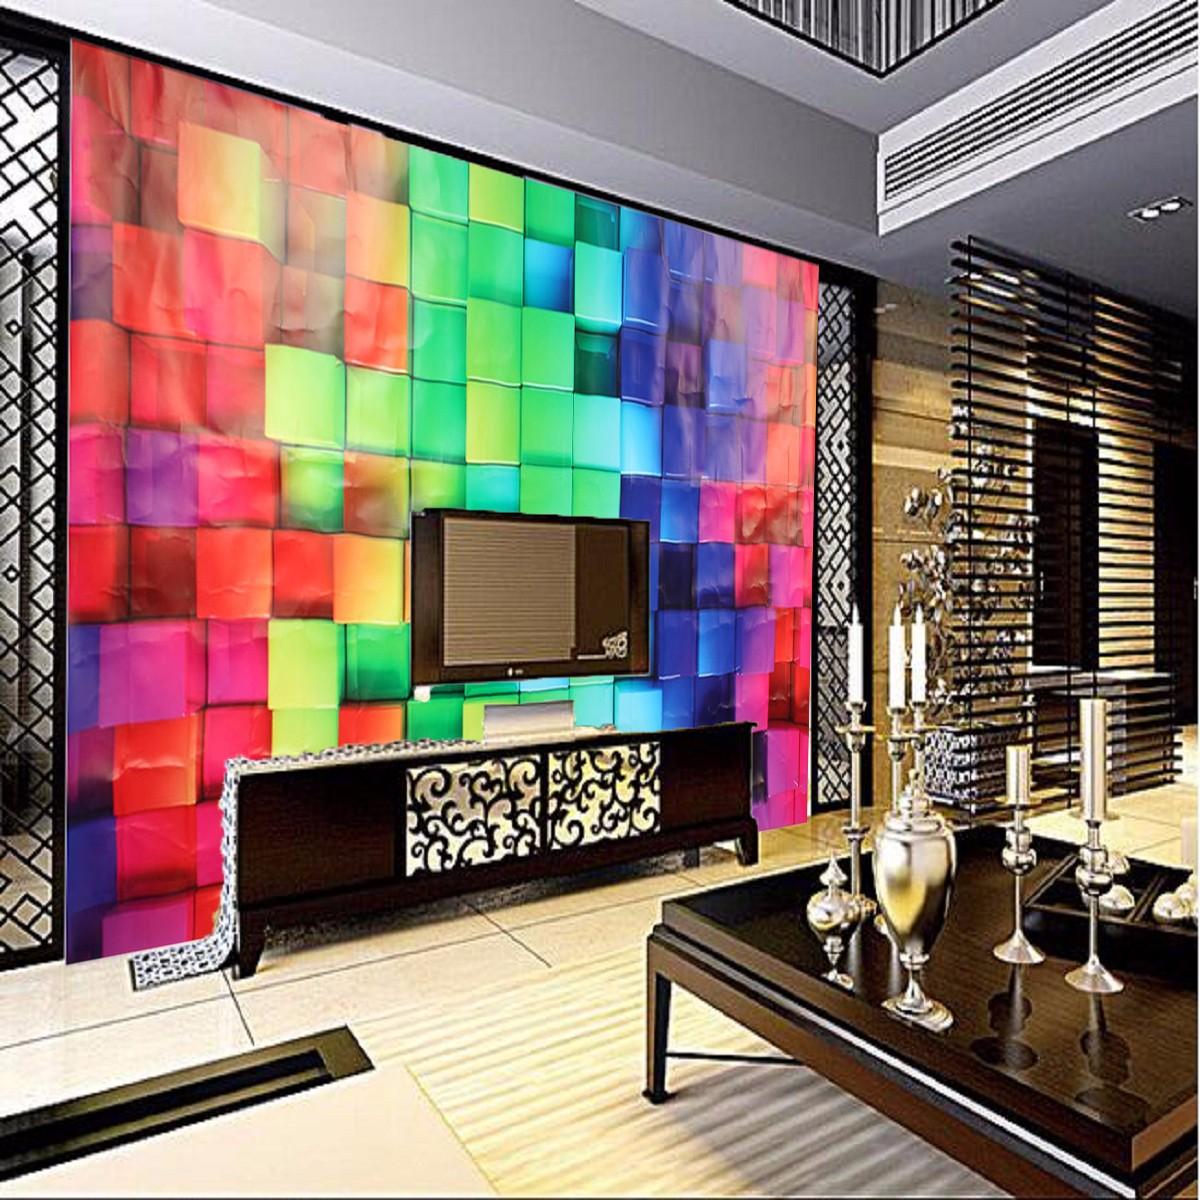 3d brique color tanche autocollant mural papier peint d coration 140x70 5 cm achat vente. Black Bedroom Furniture Sets. Home Design Ideas